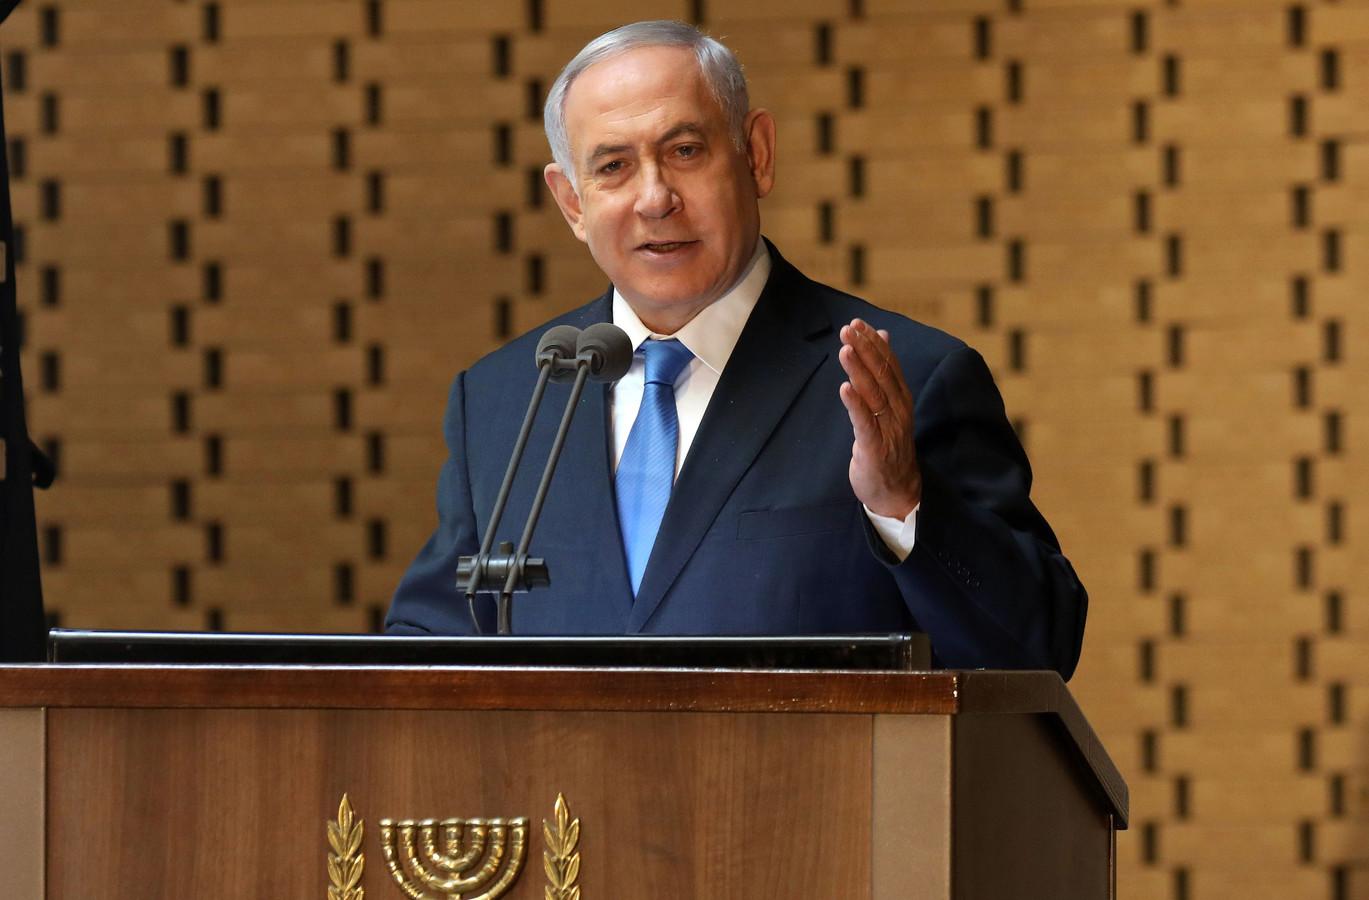 De Israëlische premier Benjamin Netanyahu tijdens een speech op 10 oktober van dit jaar.